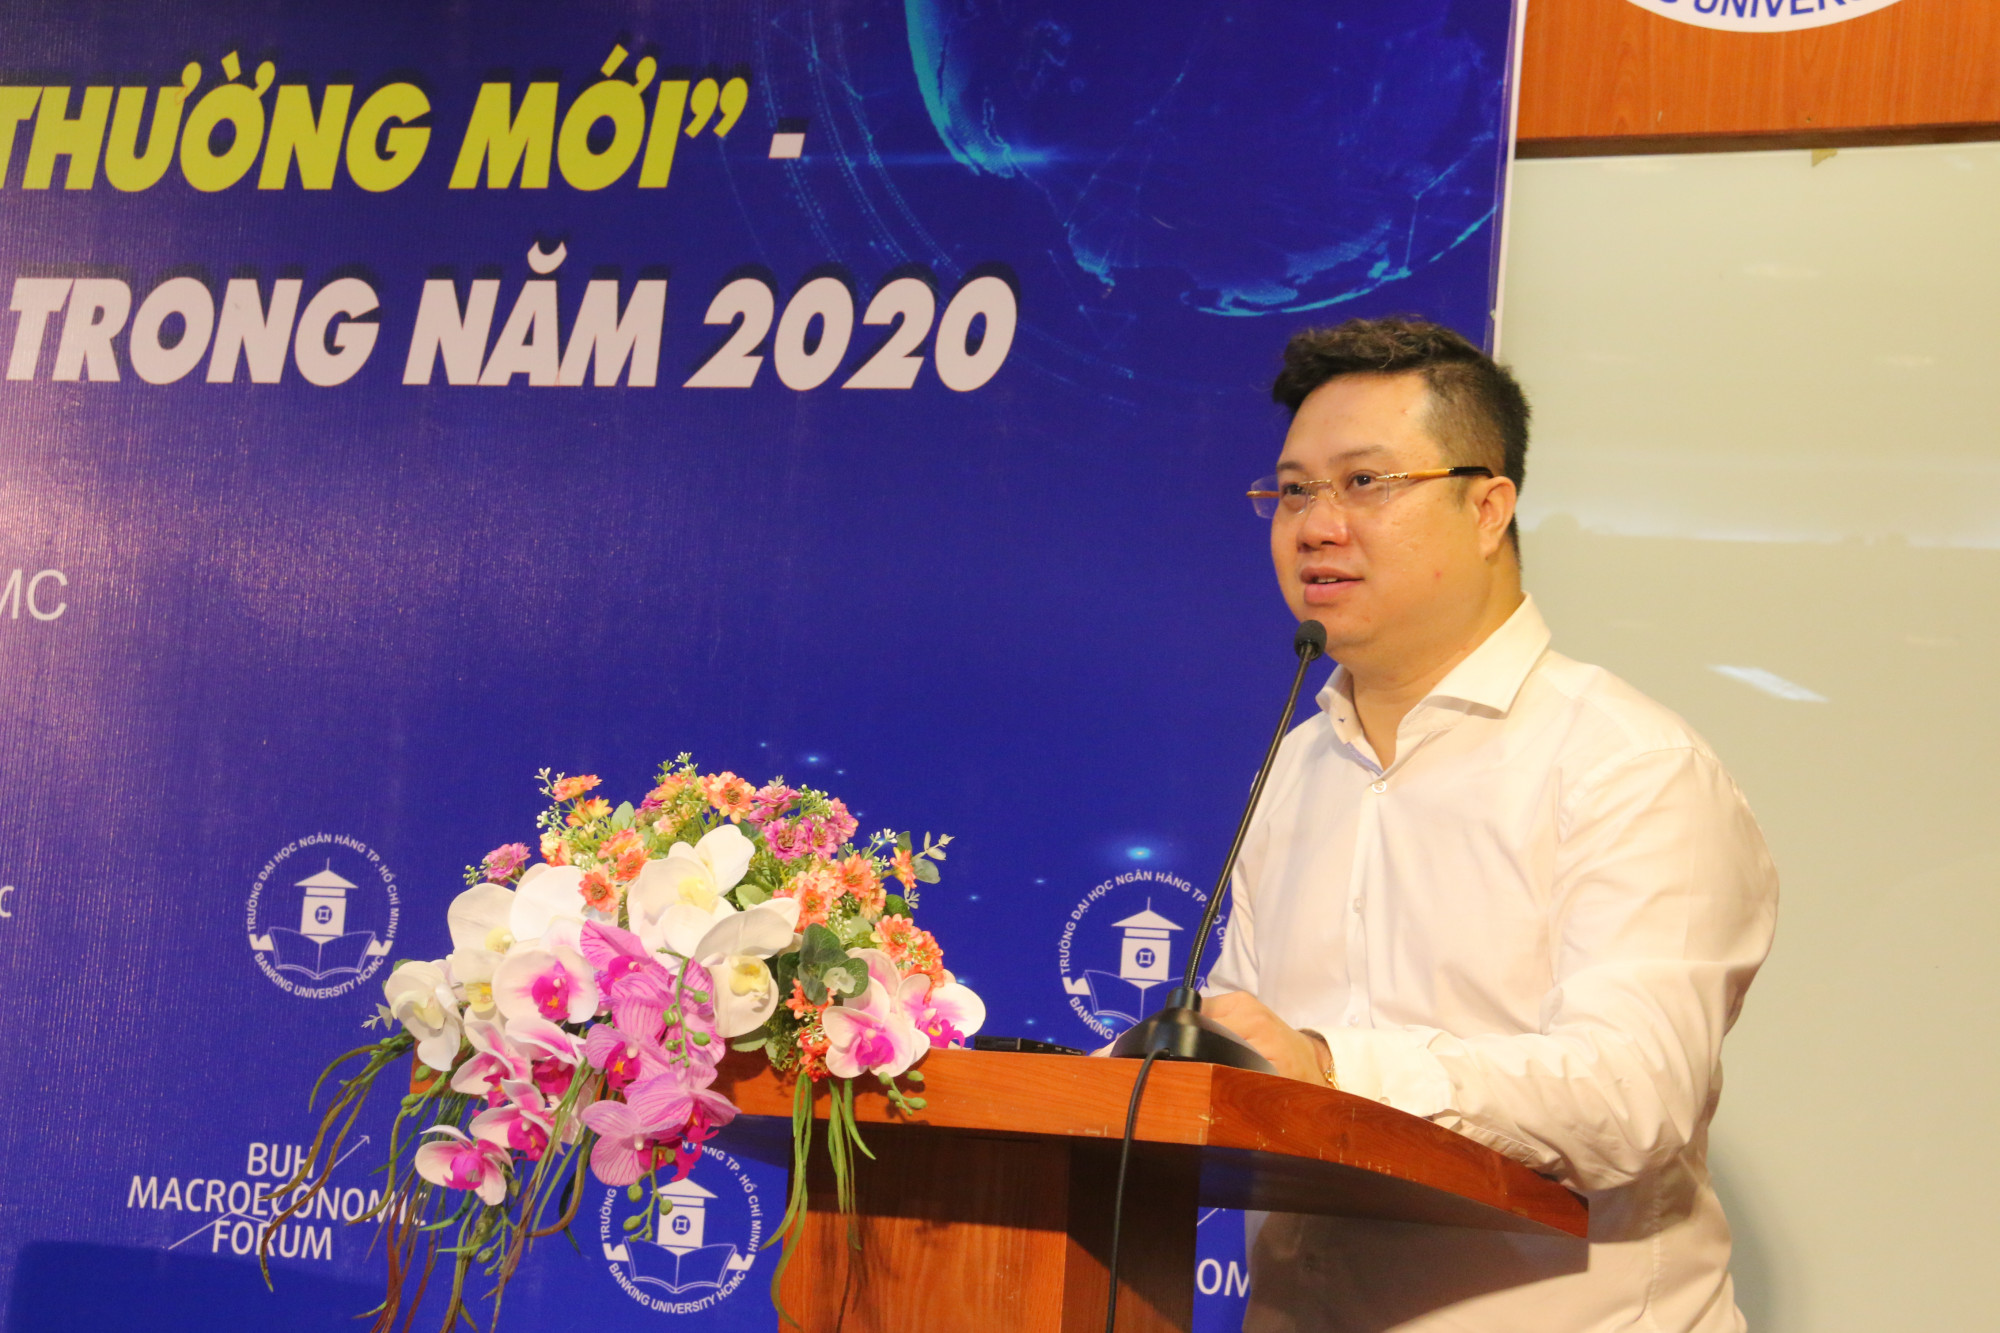 PGS.TS Nguyễn Đức Trung